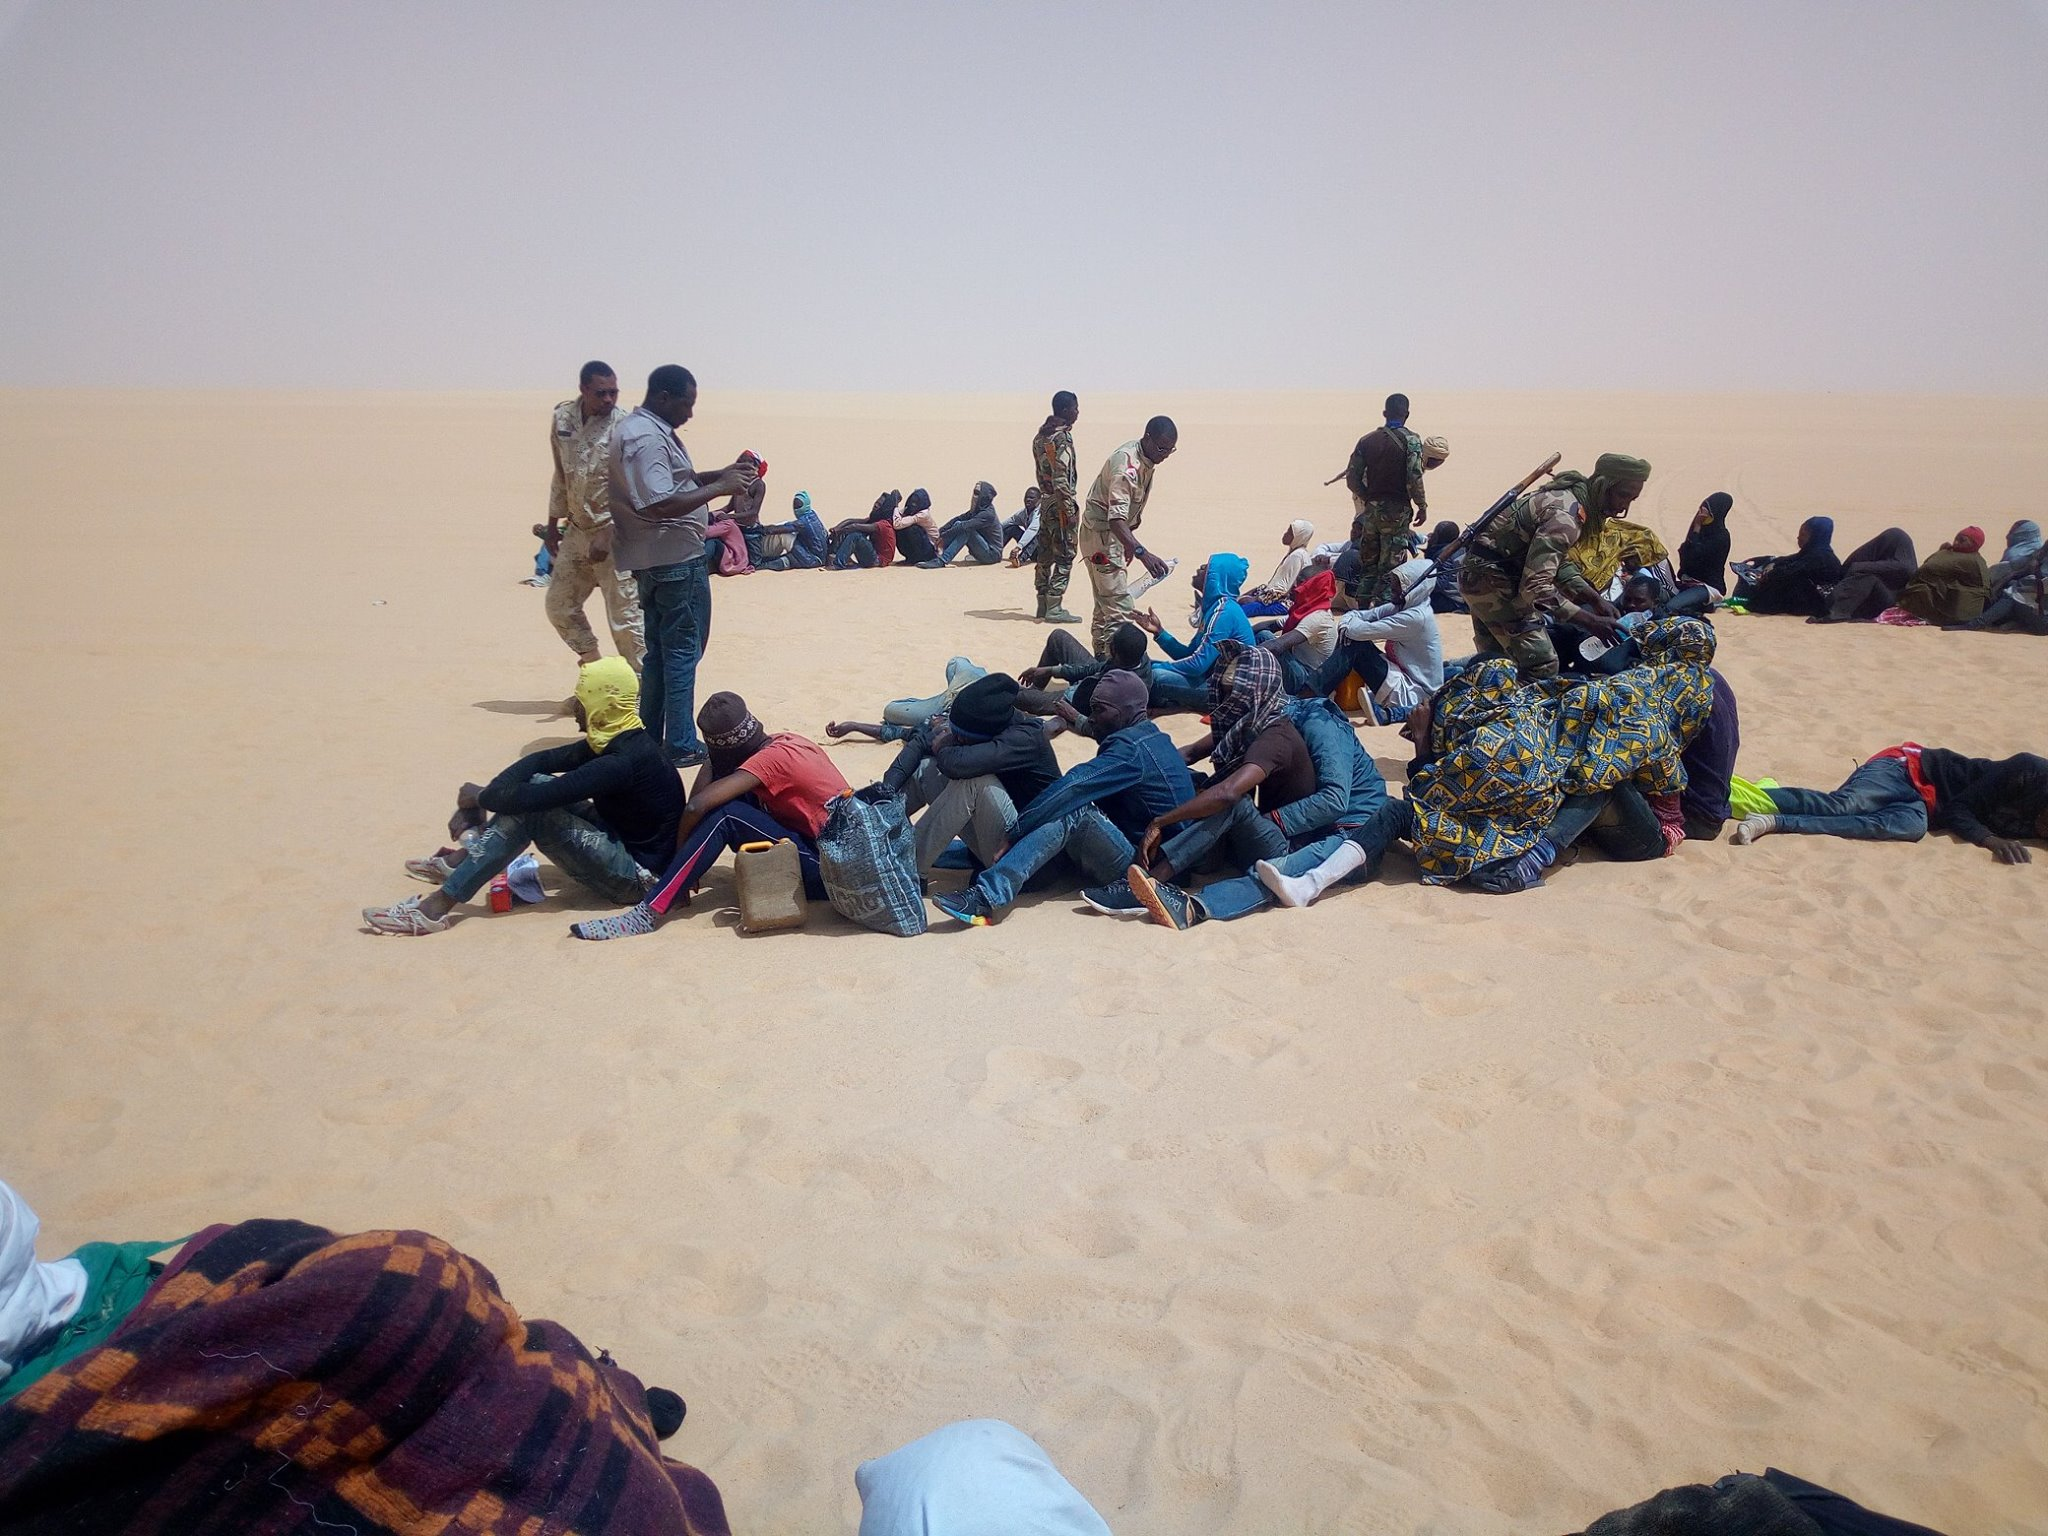 Des migrants subsahariens affirment avoir été vendus comme esclaves en Algérie